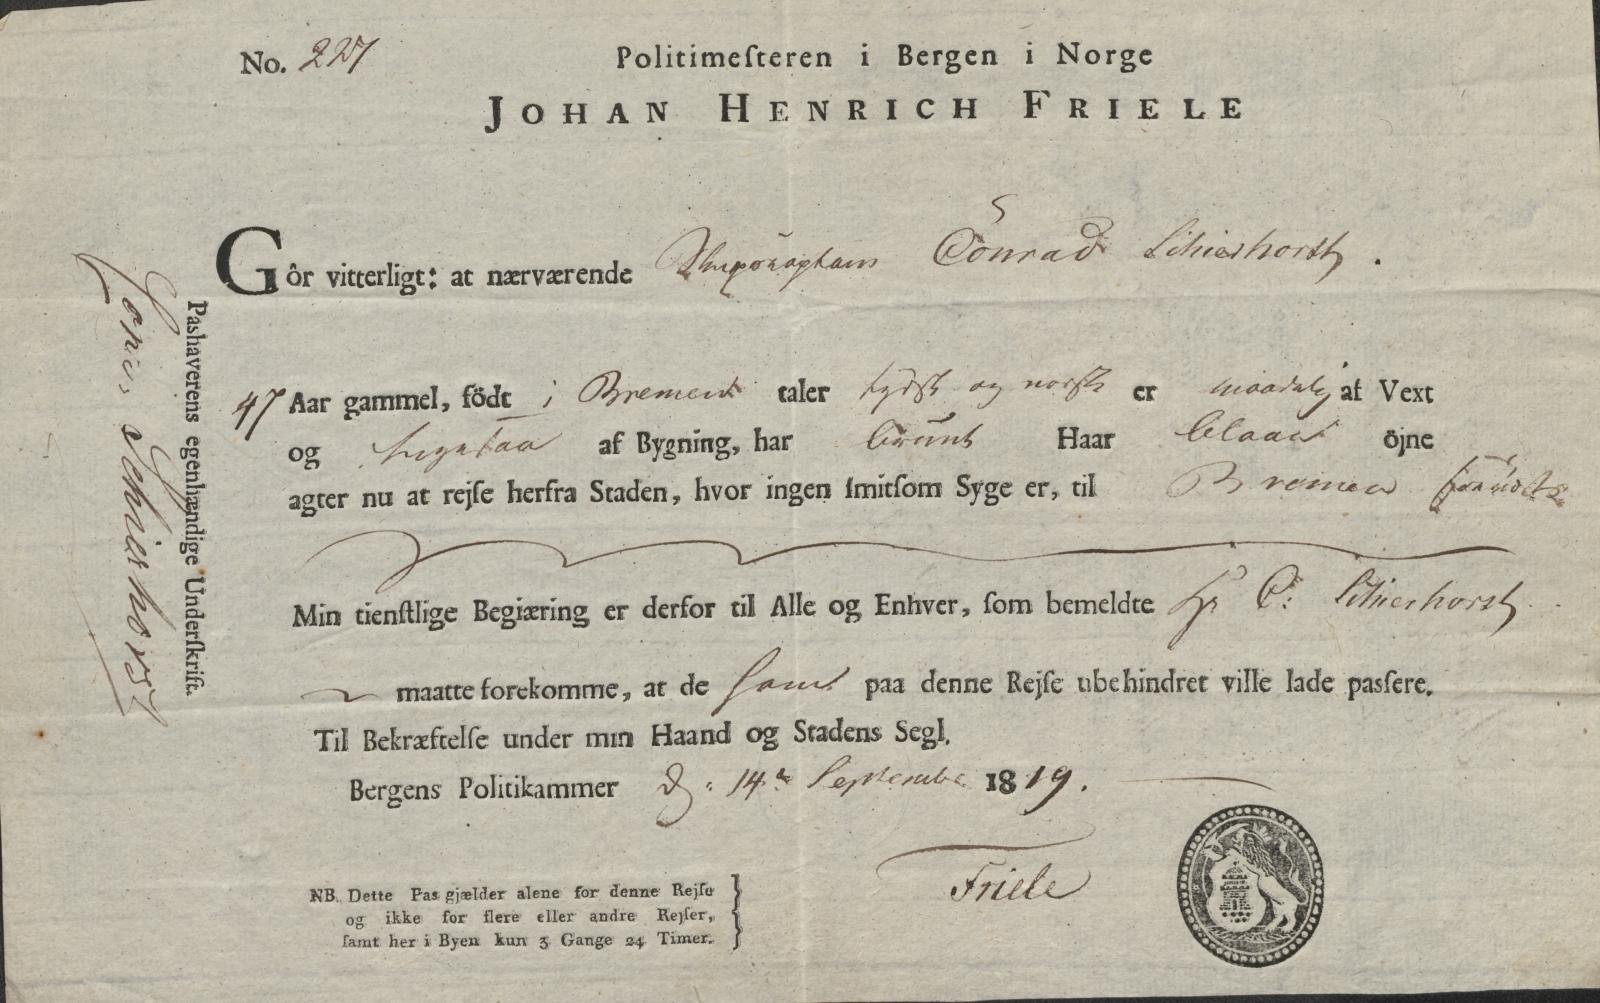 SAB, Bergen politikammer / politidistrikt, L.b, 1816-1822, s. 18